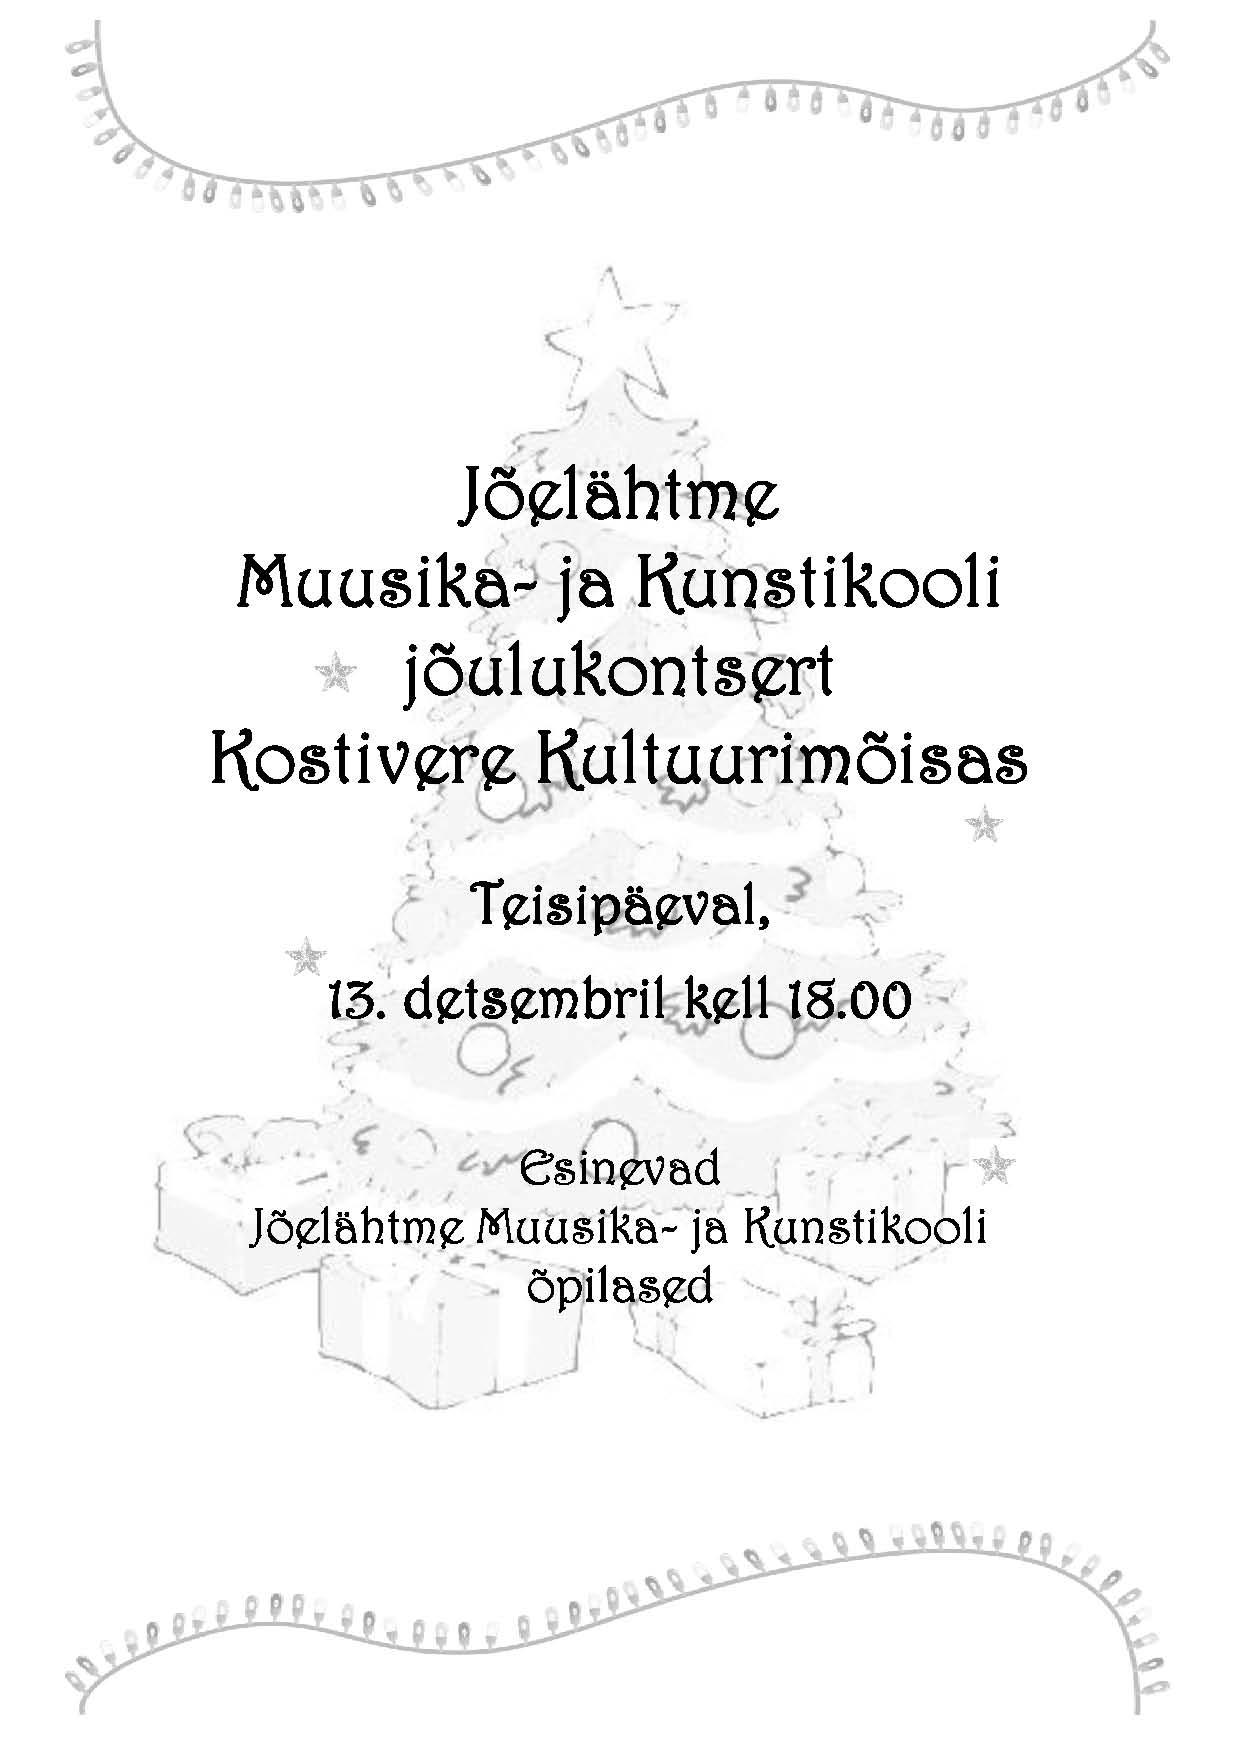 joulukontsert-2016-kuulutus-2